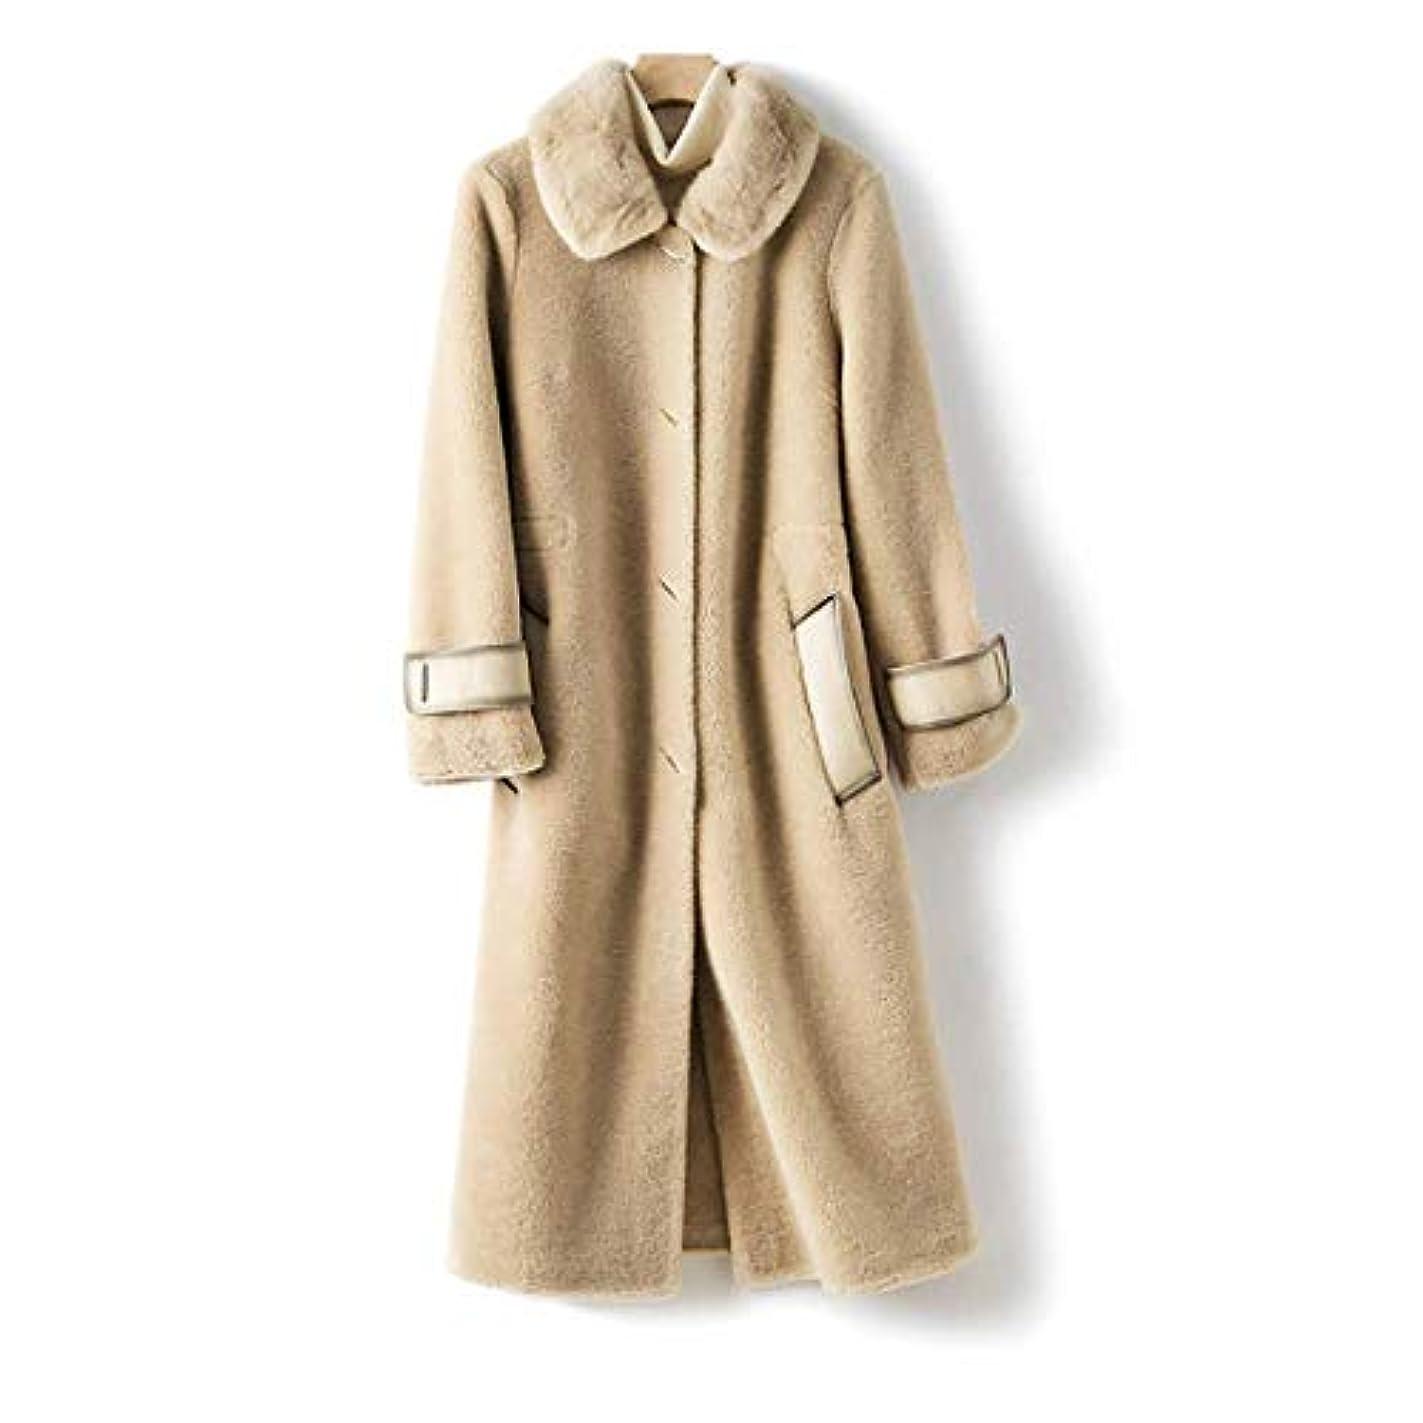 ヒロイック光めったにウールコート婦人服、レディースジャケットレディースコートレディースウインドブレーカージャケットミンクファーカラーウールシープシアリング顆粒ロングコート,B,L